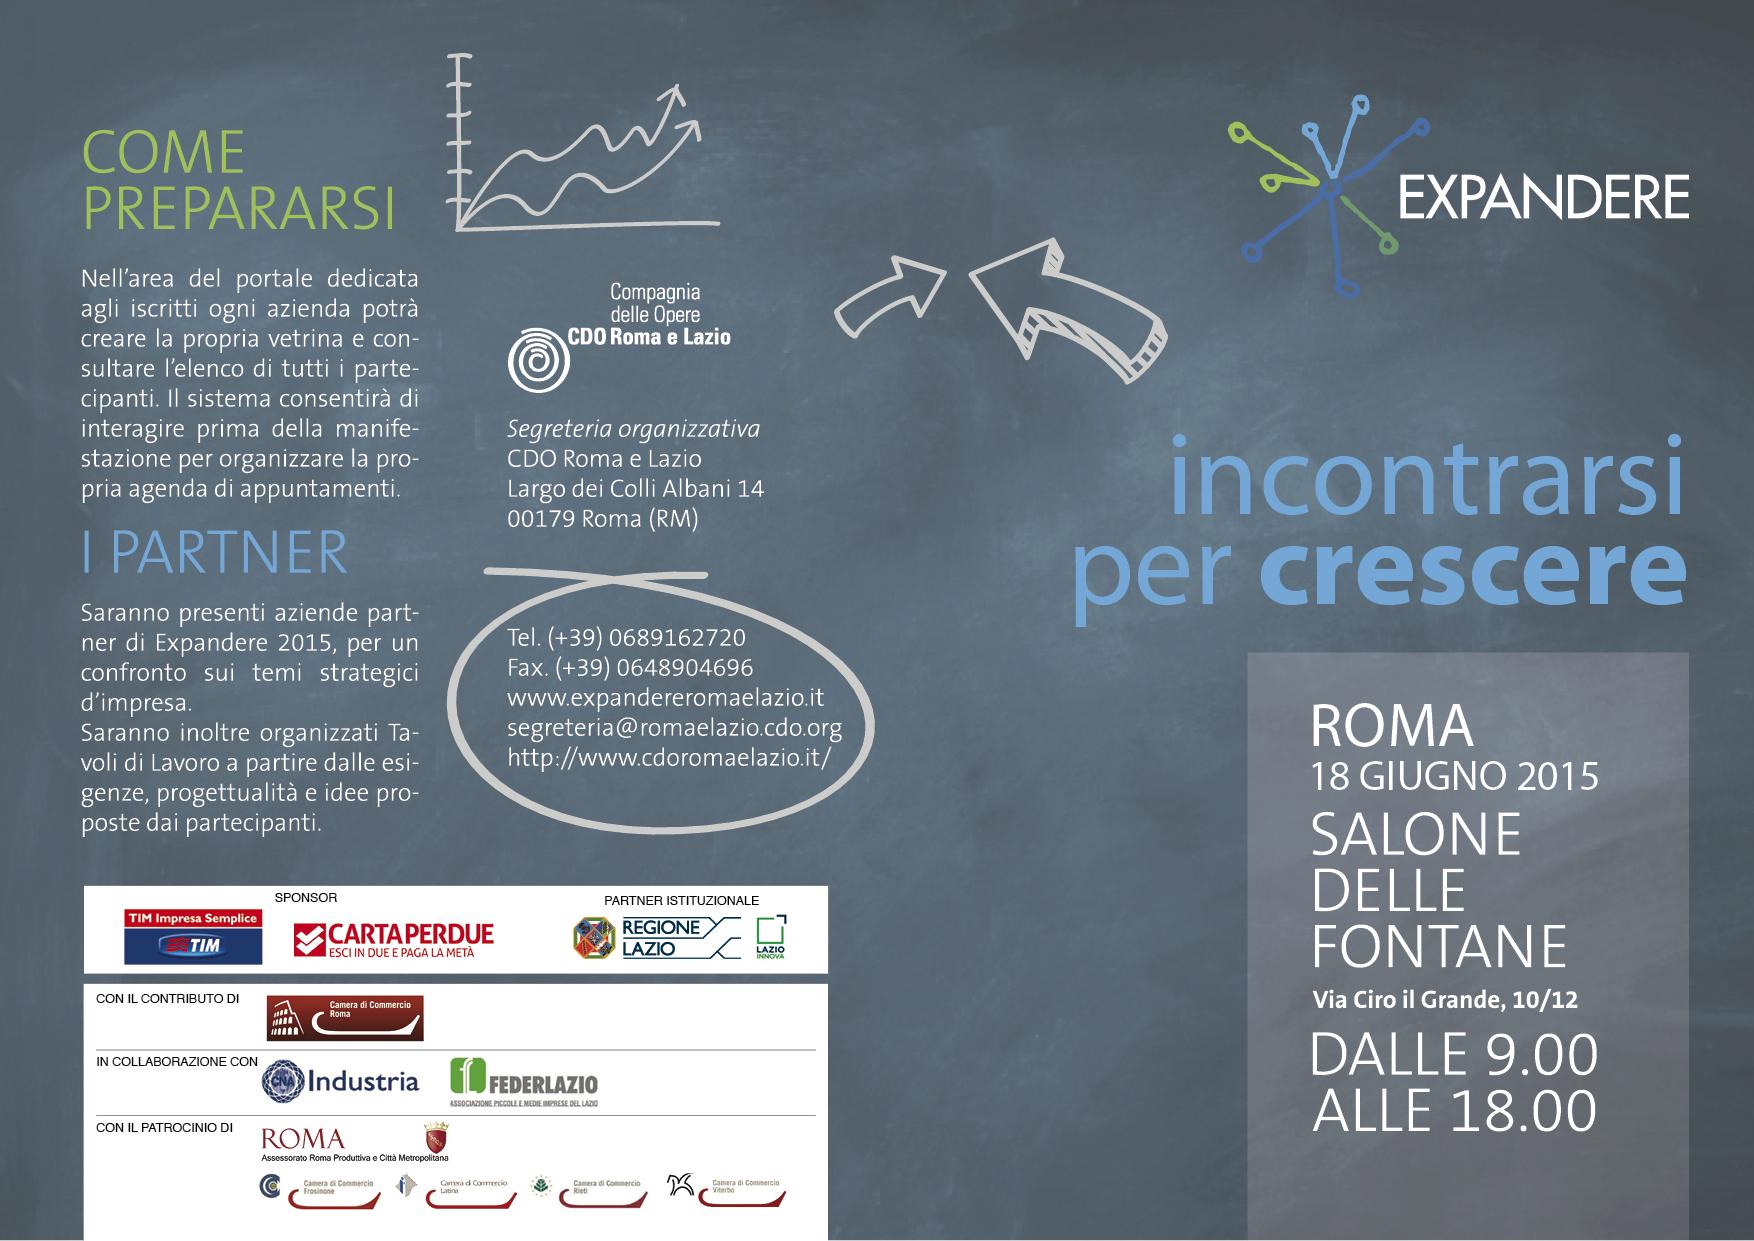 CDO Roma e Lazio - immagine evento